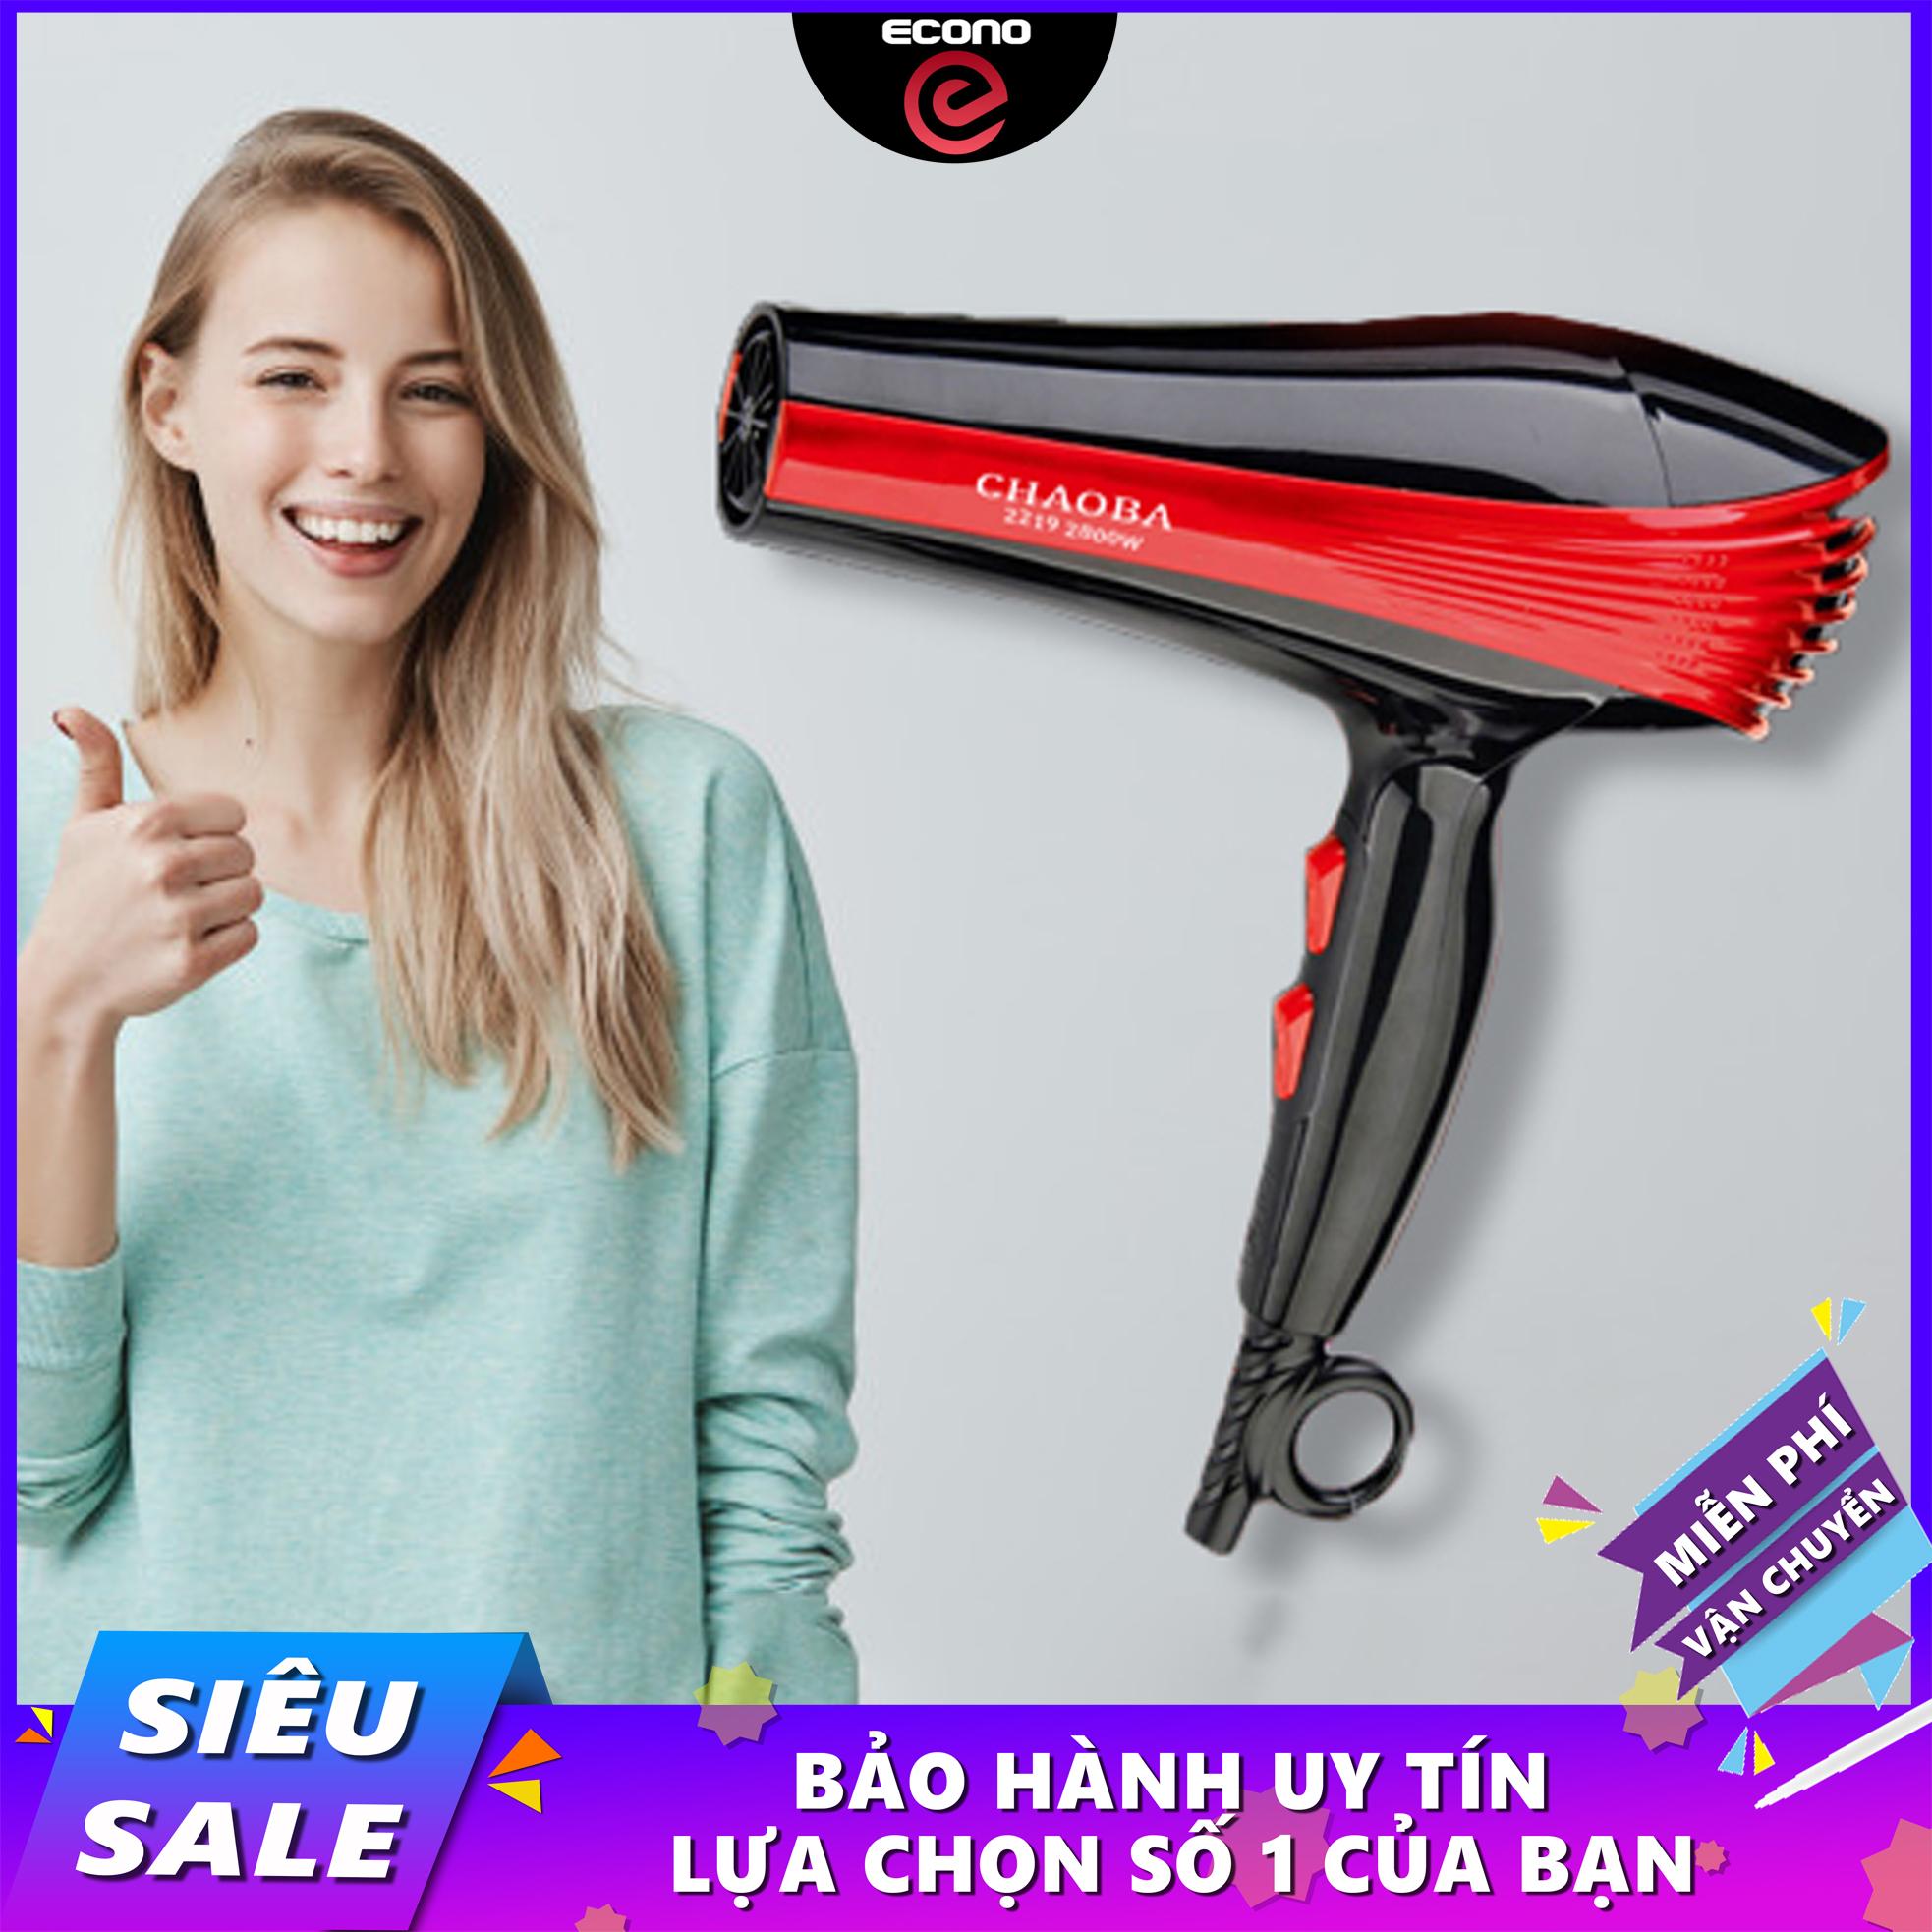 Mua Máy Sấy Tóc ở Đâu, Sấy tóc cao cấp 2800 SP474Những Kiểu Tóc Nữ Đẹp Nhất Hiện Nay - Máy sấy tóc công suất lớn 6 chế độ, loại xịn bảo hành 12 tháng 1 đổi 1